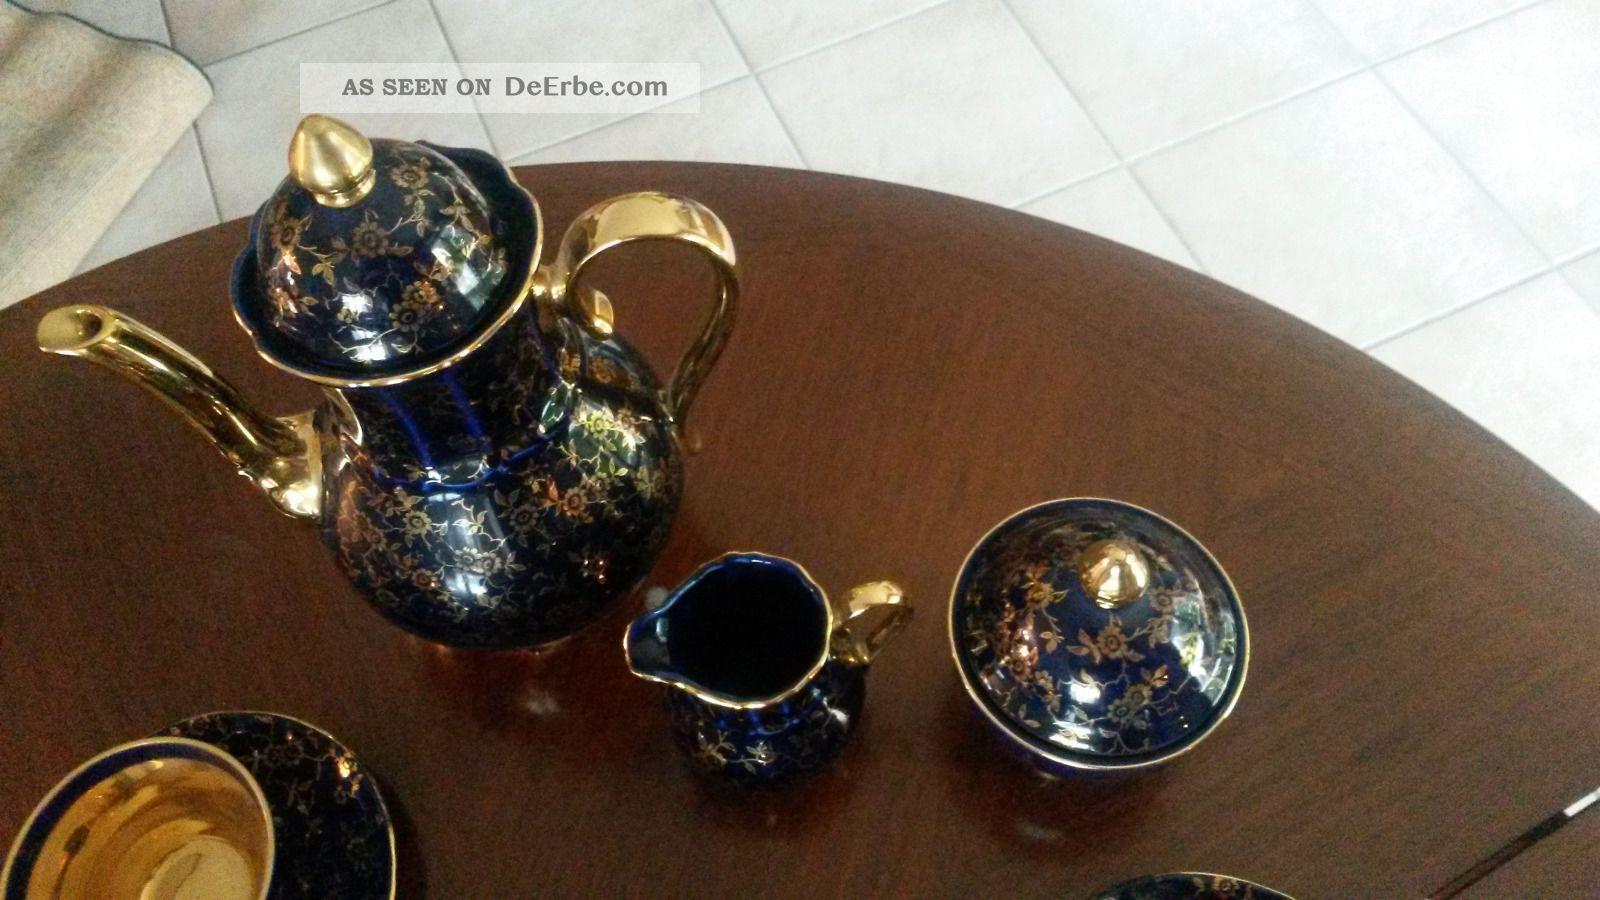 Porzellan Keramik Porzellan Nach Form Funktion Kaffee Teegeschirr Antiquitaten